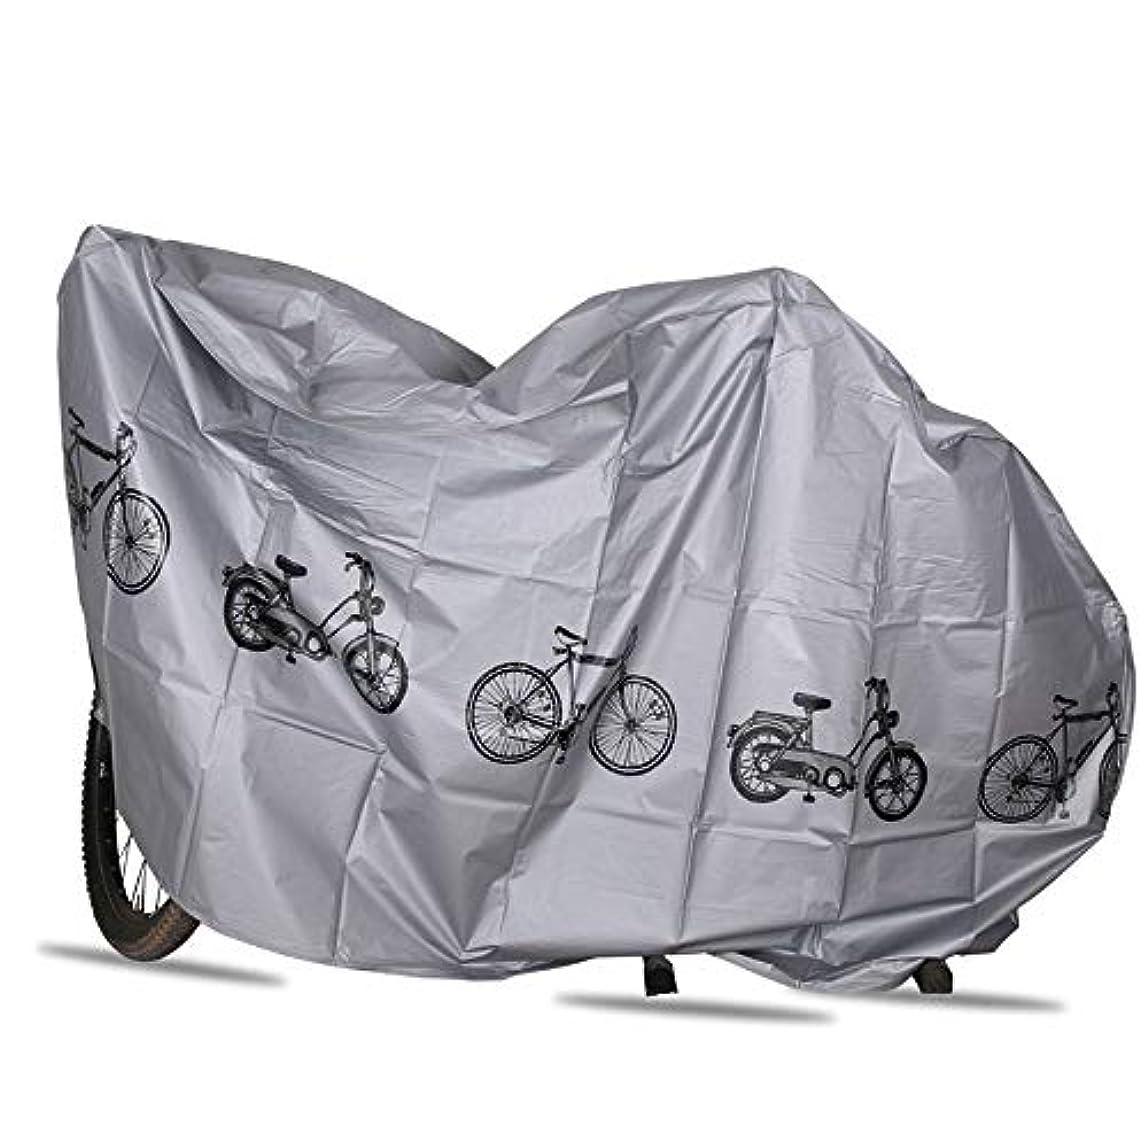 楽観深さ防止TOPmountain 耐久性のある自転車防雨布自転車サンシェード防水プロテクターレインカバーグレー